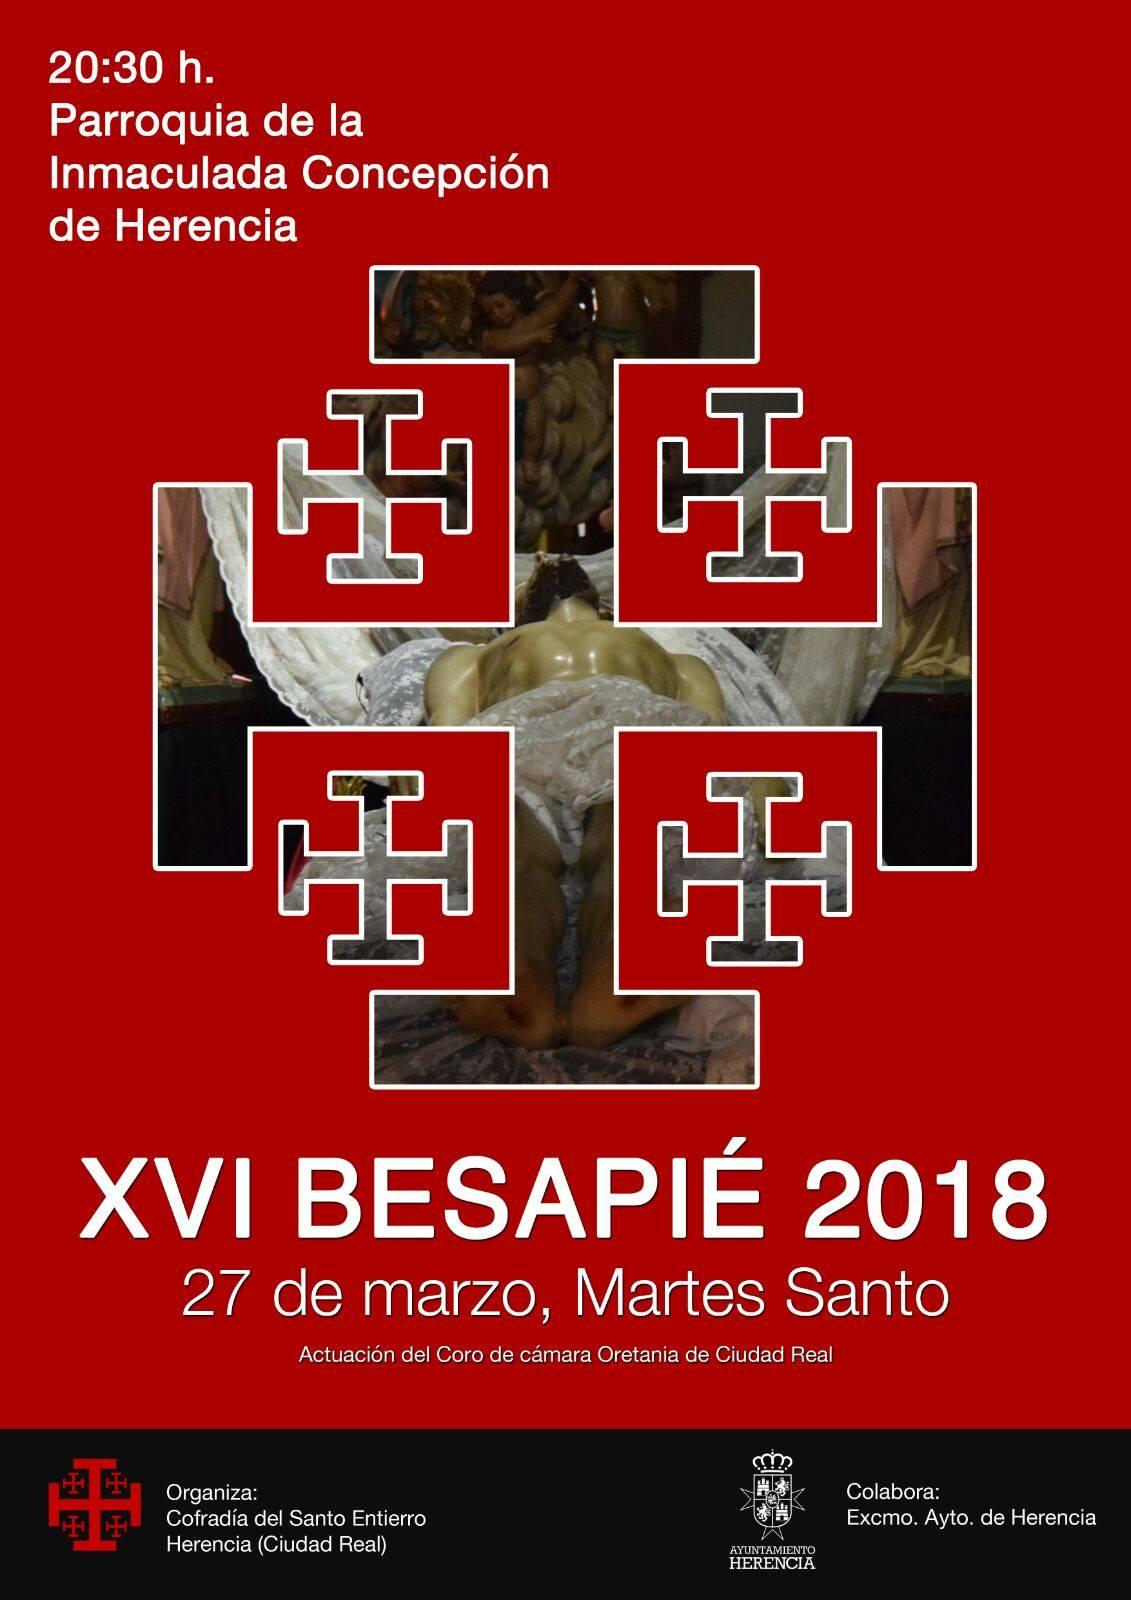 cartel besapies santo entierro herencia 2018 - La cofradía del Santo Entierro prepara su acto cofrade